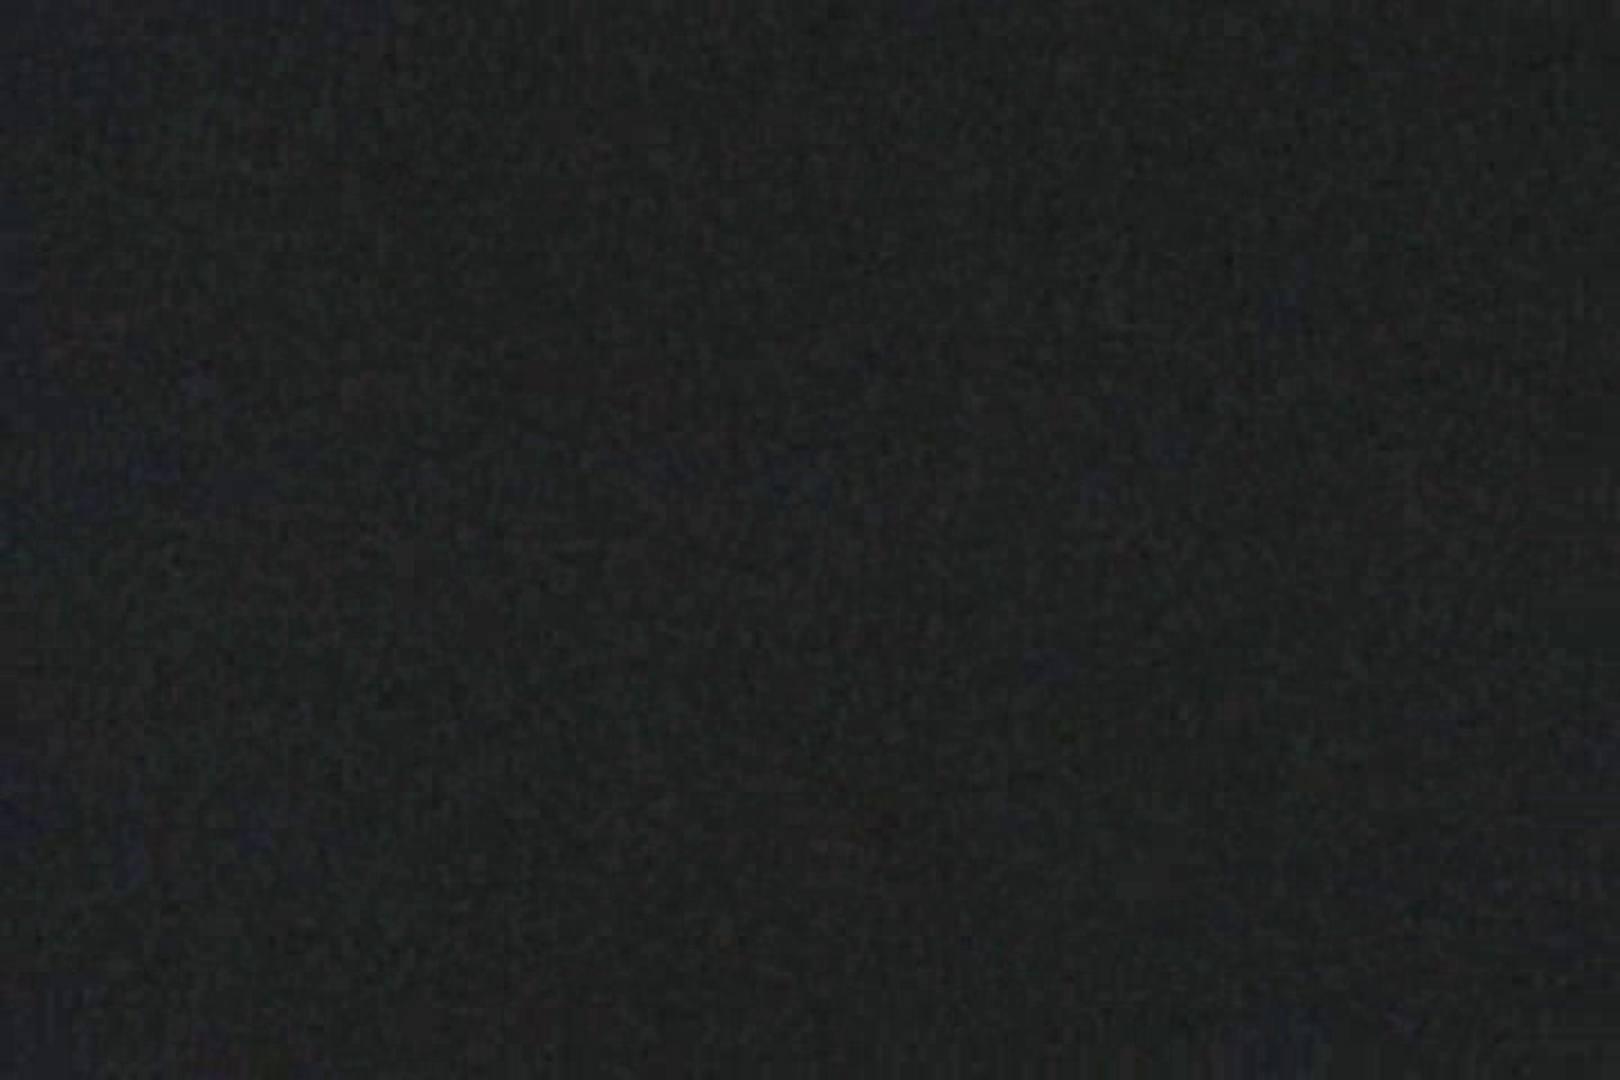 蔵出し!!赤外線カーセックスVol.25 セックスシーン AV無料動画キャプチャ 109枚